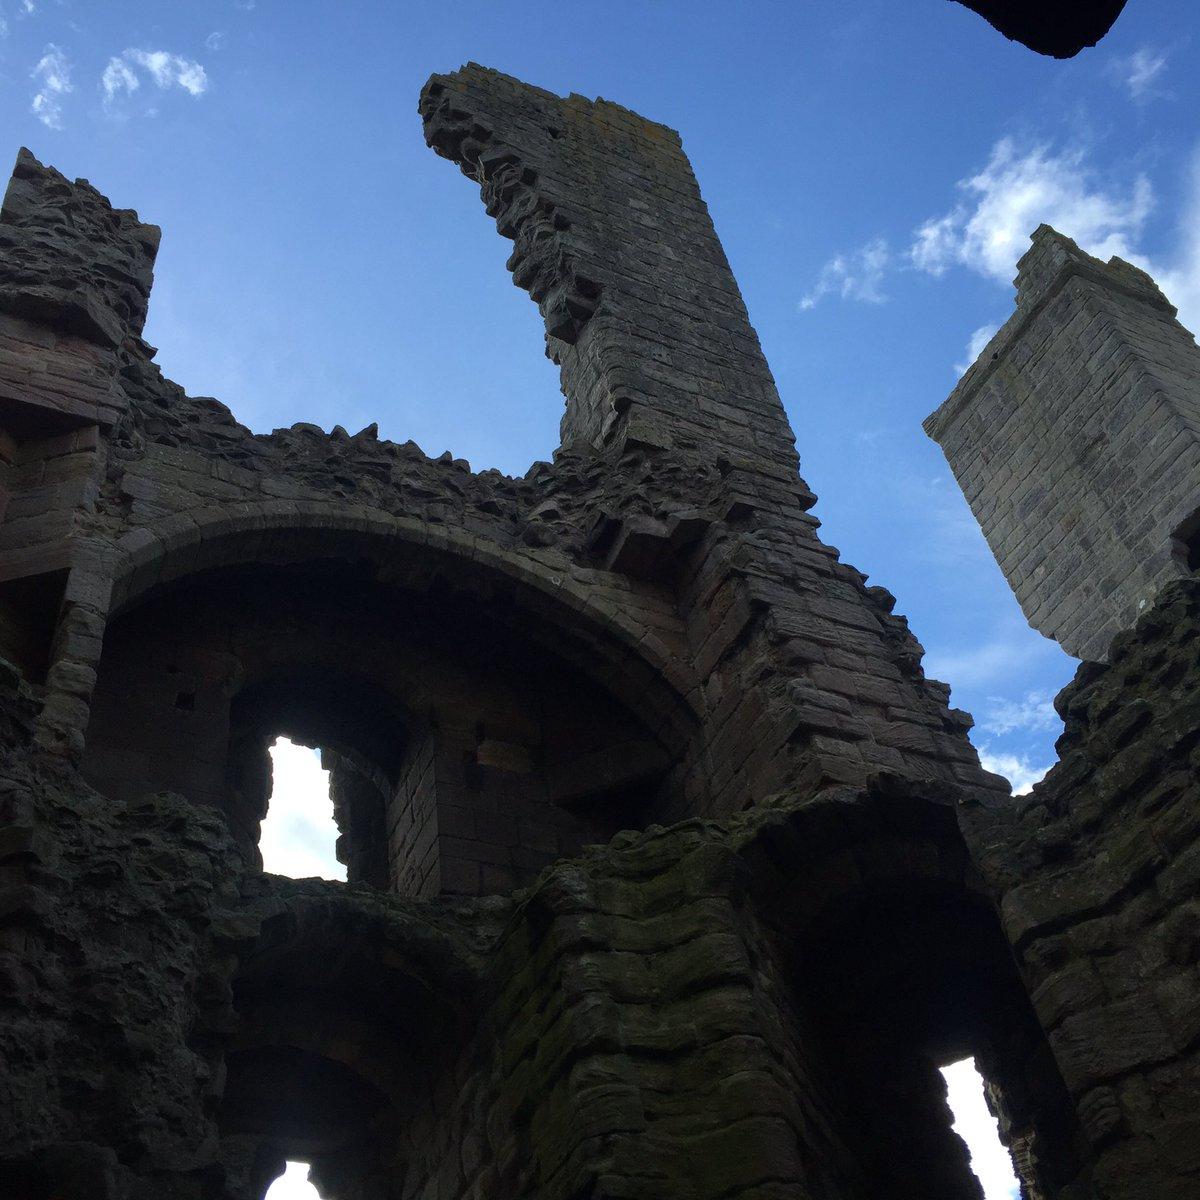 Just your massively above-average coastal walk, Craster to Embleton via Dunstanburgh Castle. https://t.co/wGRZ8b4LKG